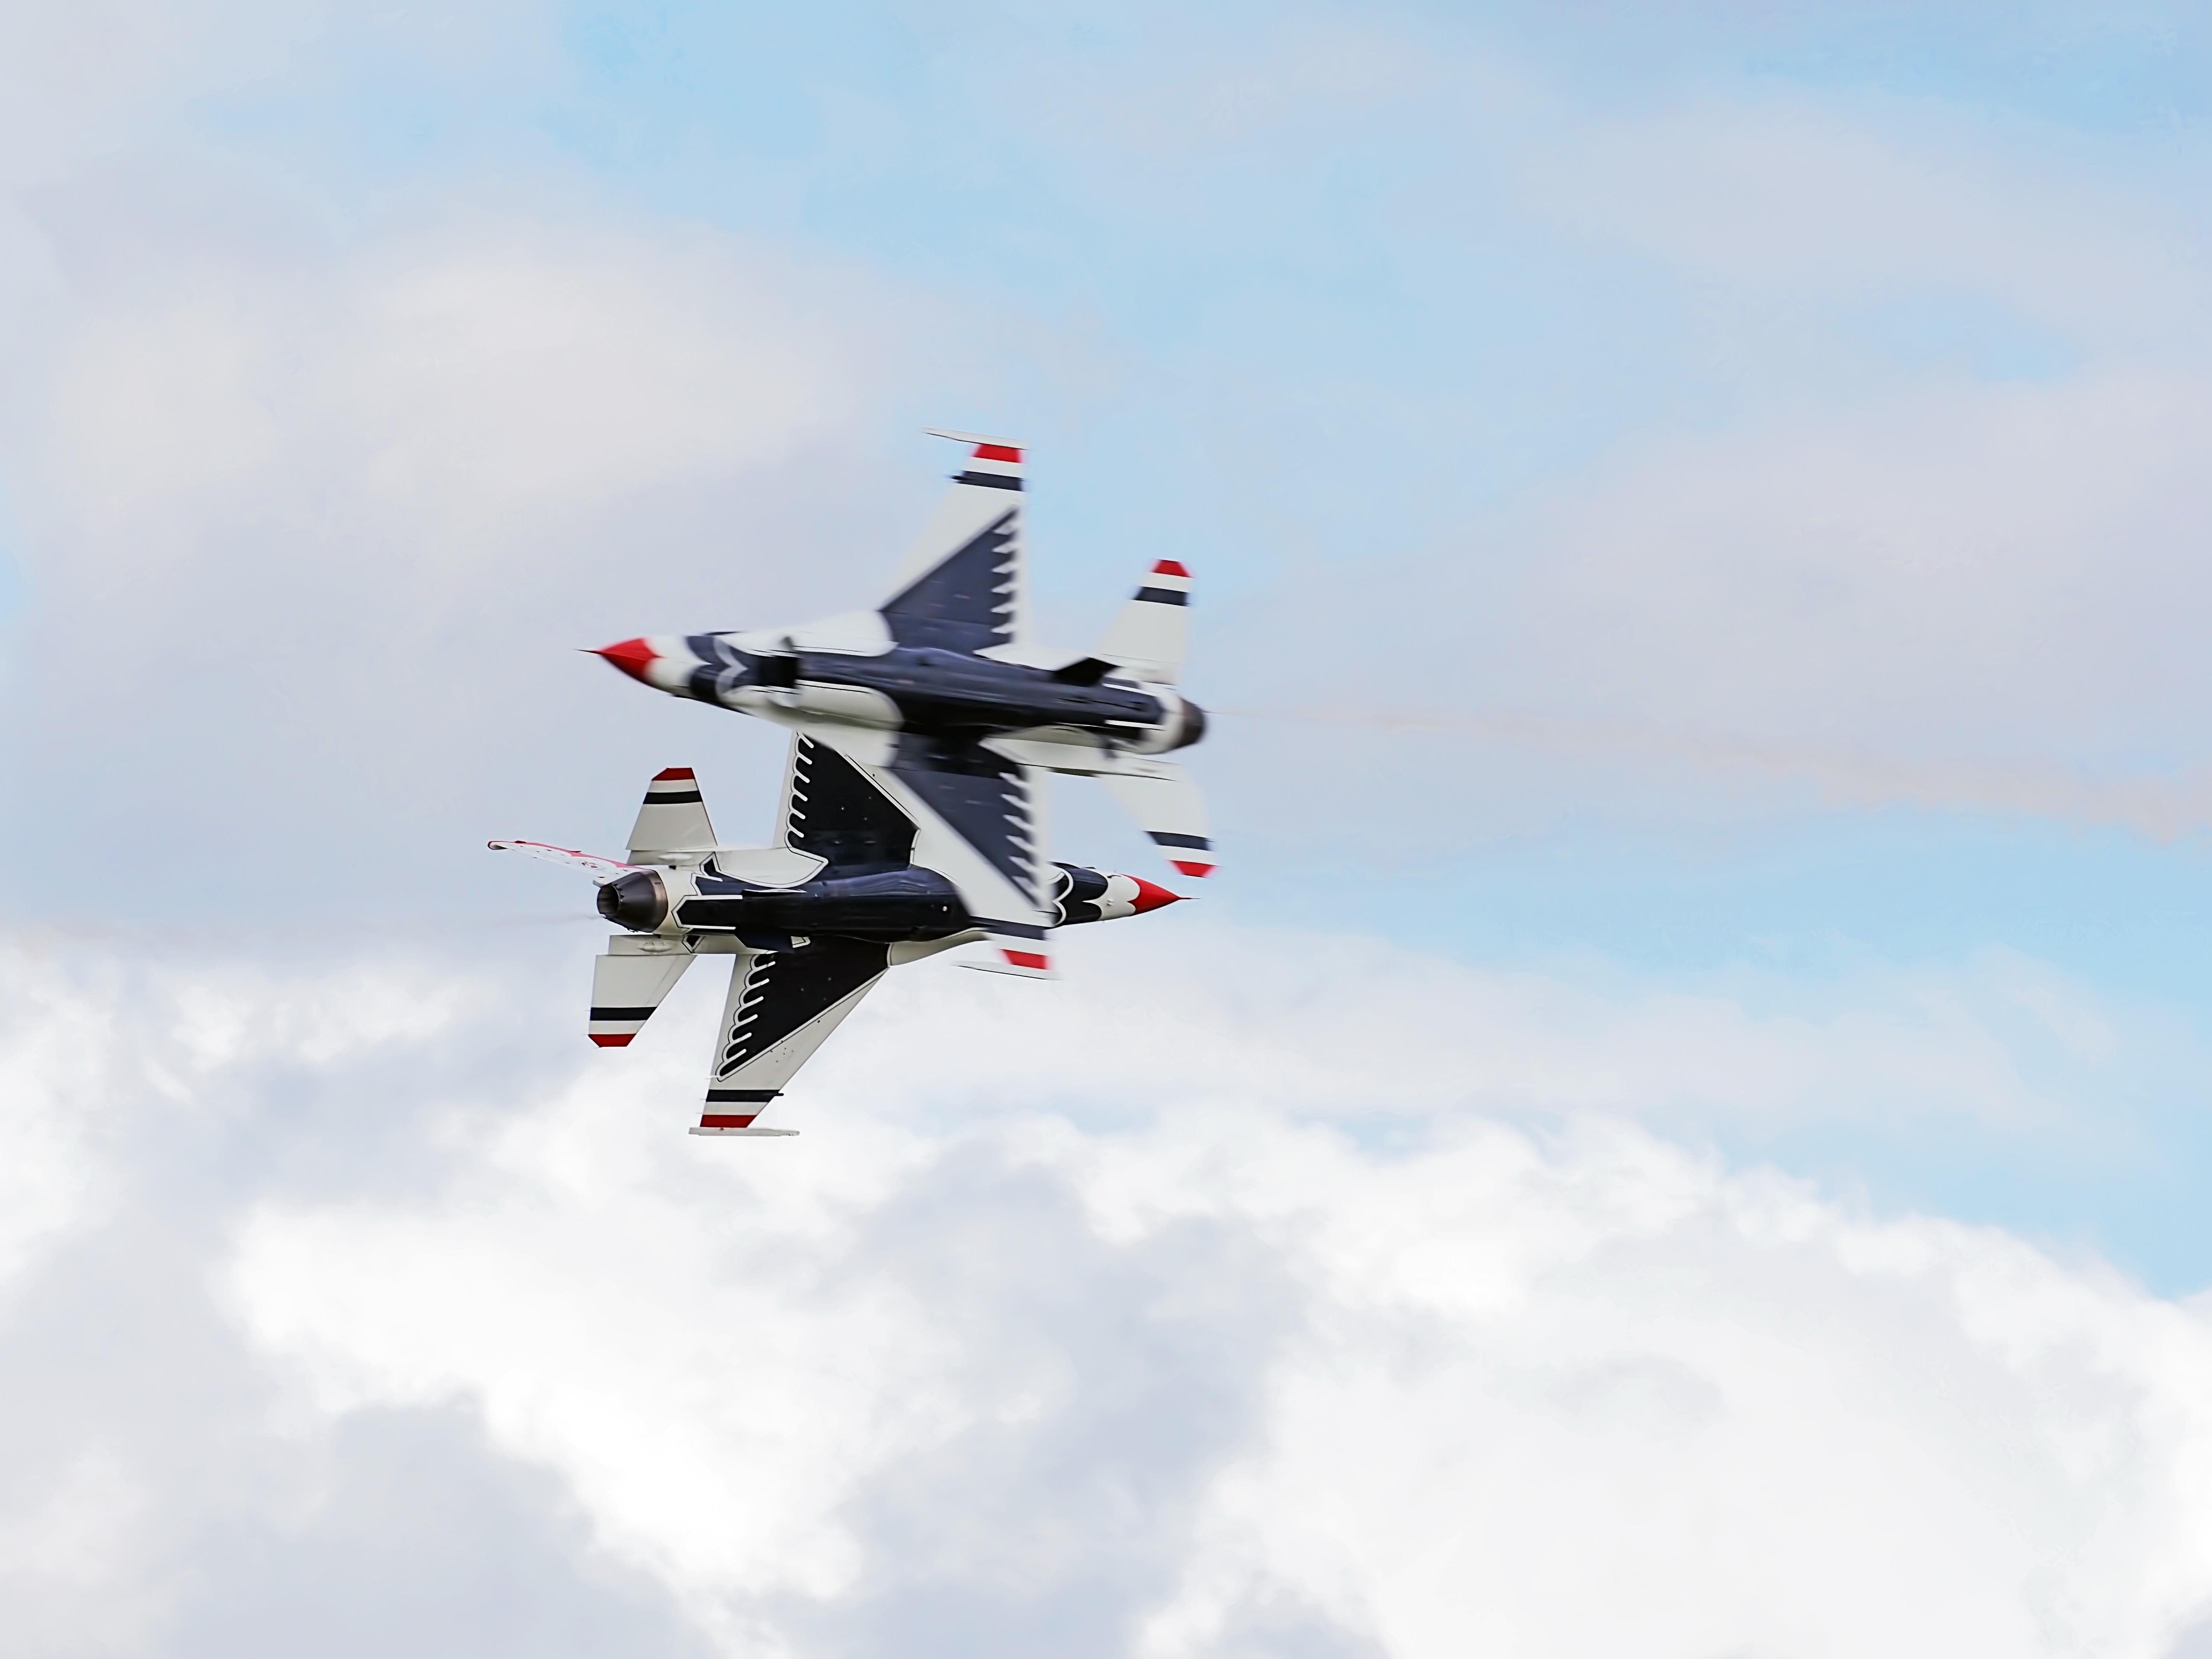 Thunderbird1